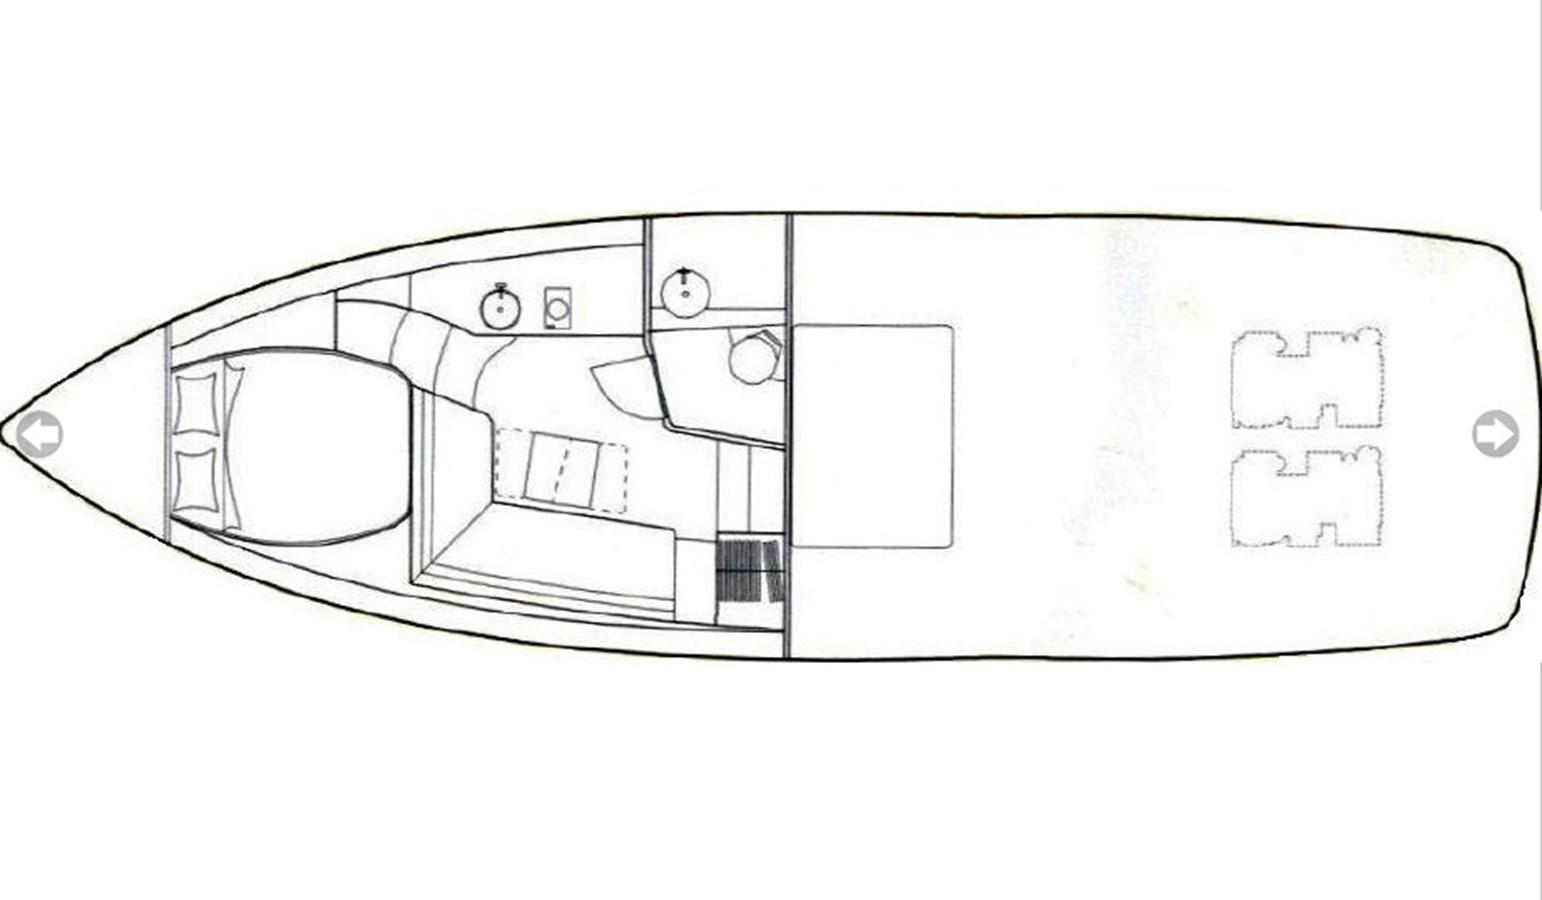 Sunseeker Superhawk 43 - Layout 2007 SUNSEEKER SUPERHAWK 43 Motor Yacht 2849800